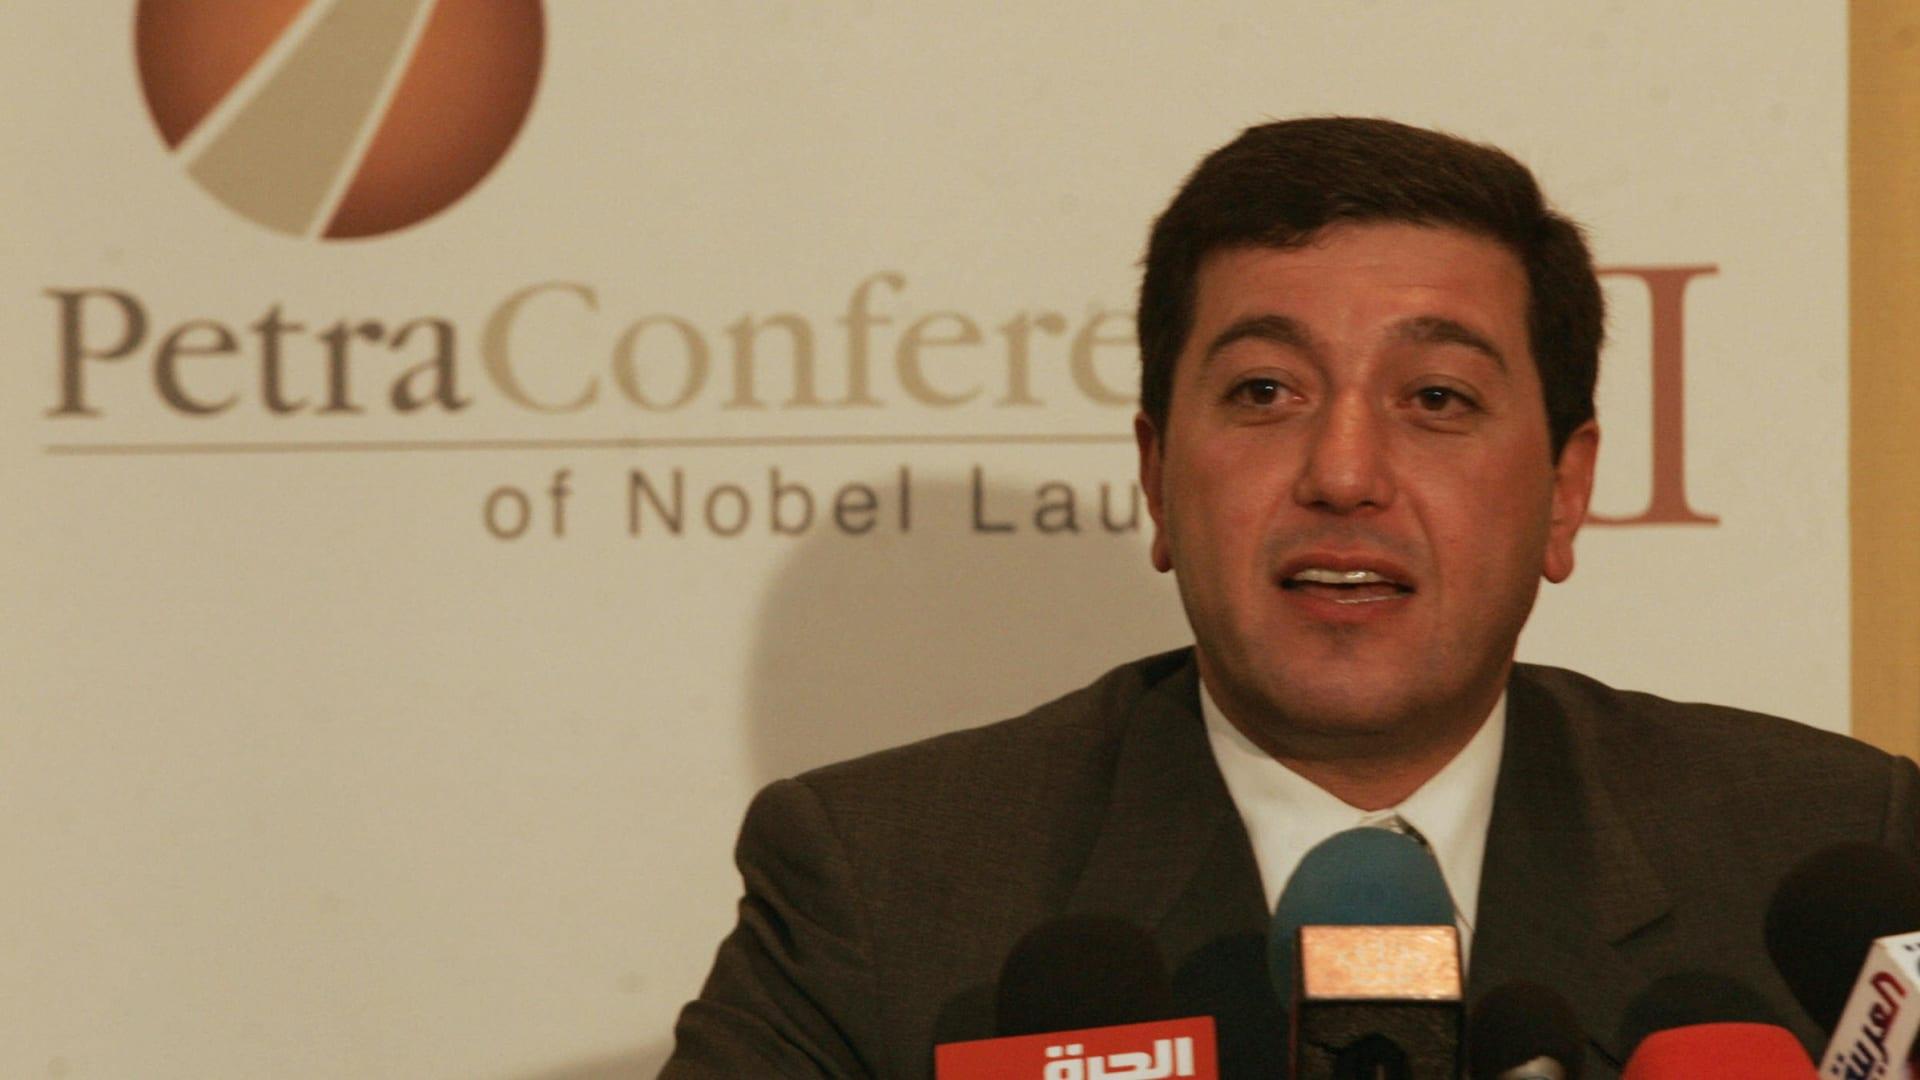 """قضية """"الفتنة"""".. رئيس الدفاع عن عوض الله لـCNN: لم يصدر قرار بإحالة القضية لـ""""أمن الدولة"""" بعد"""